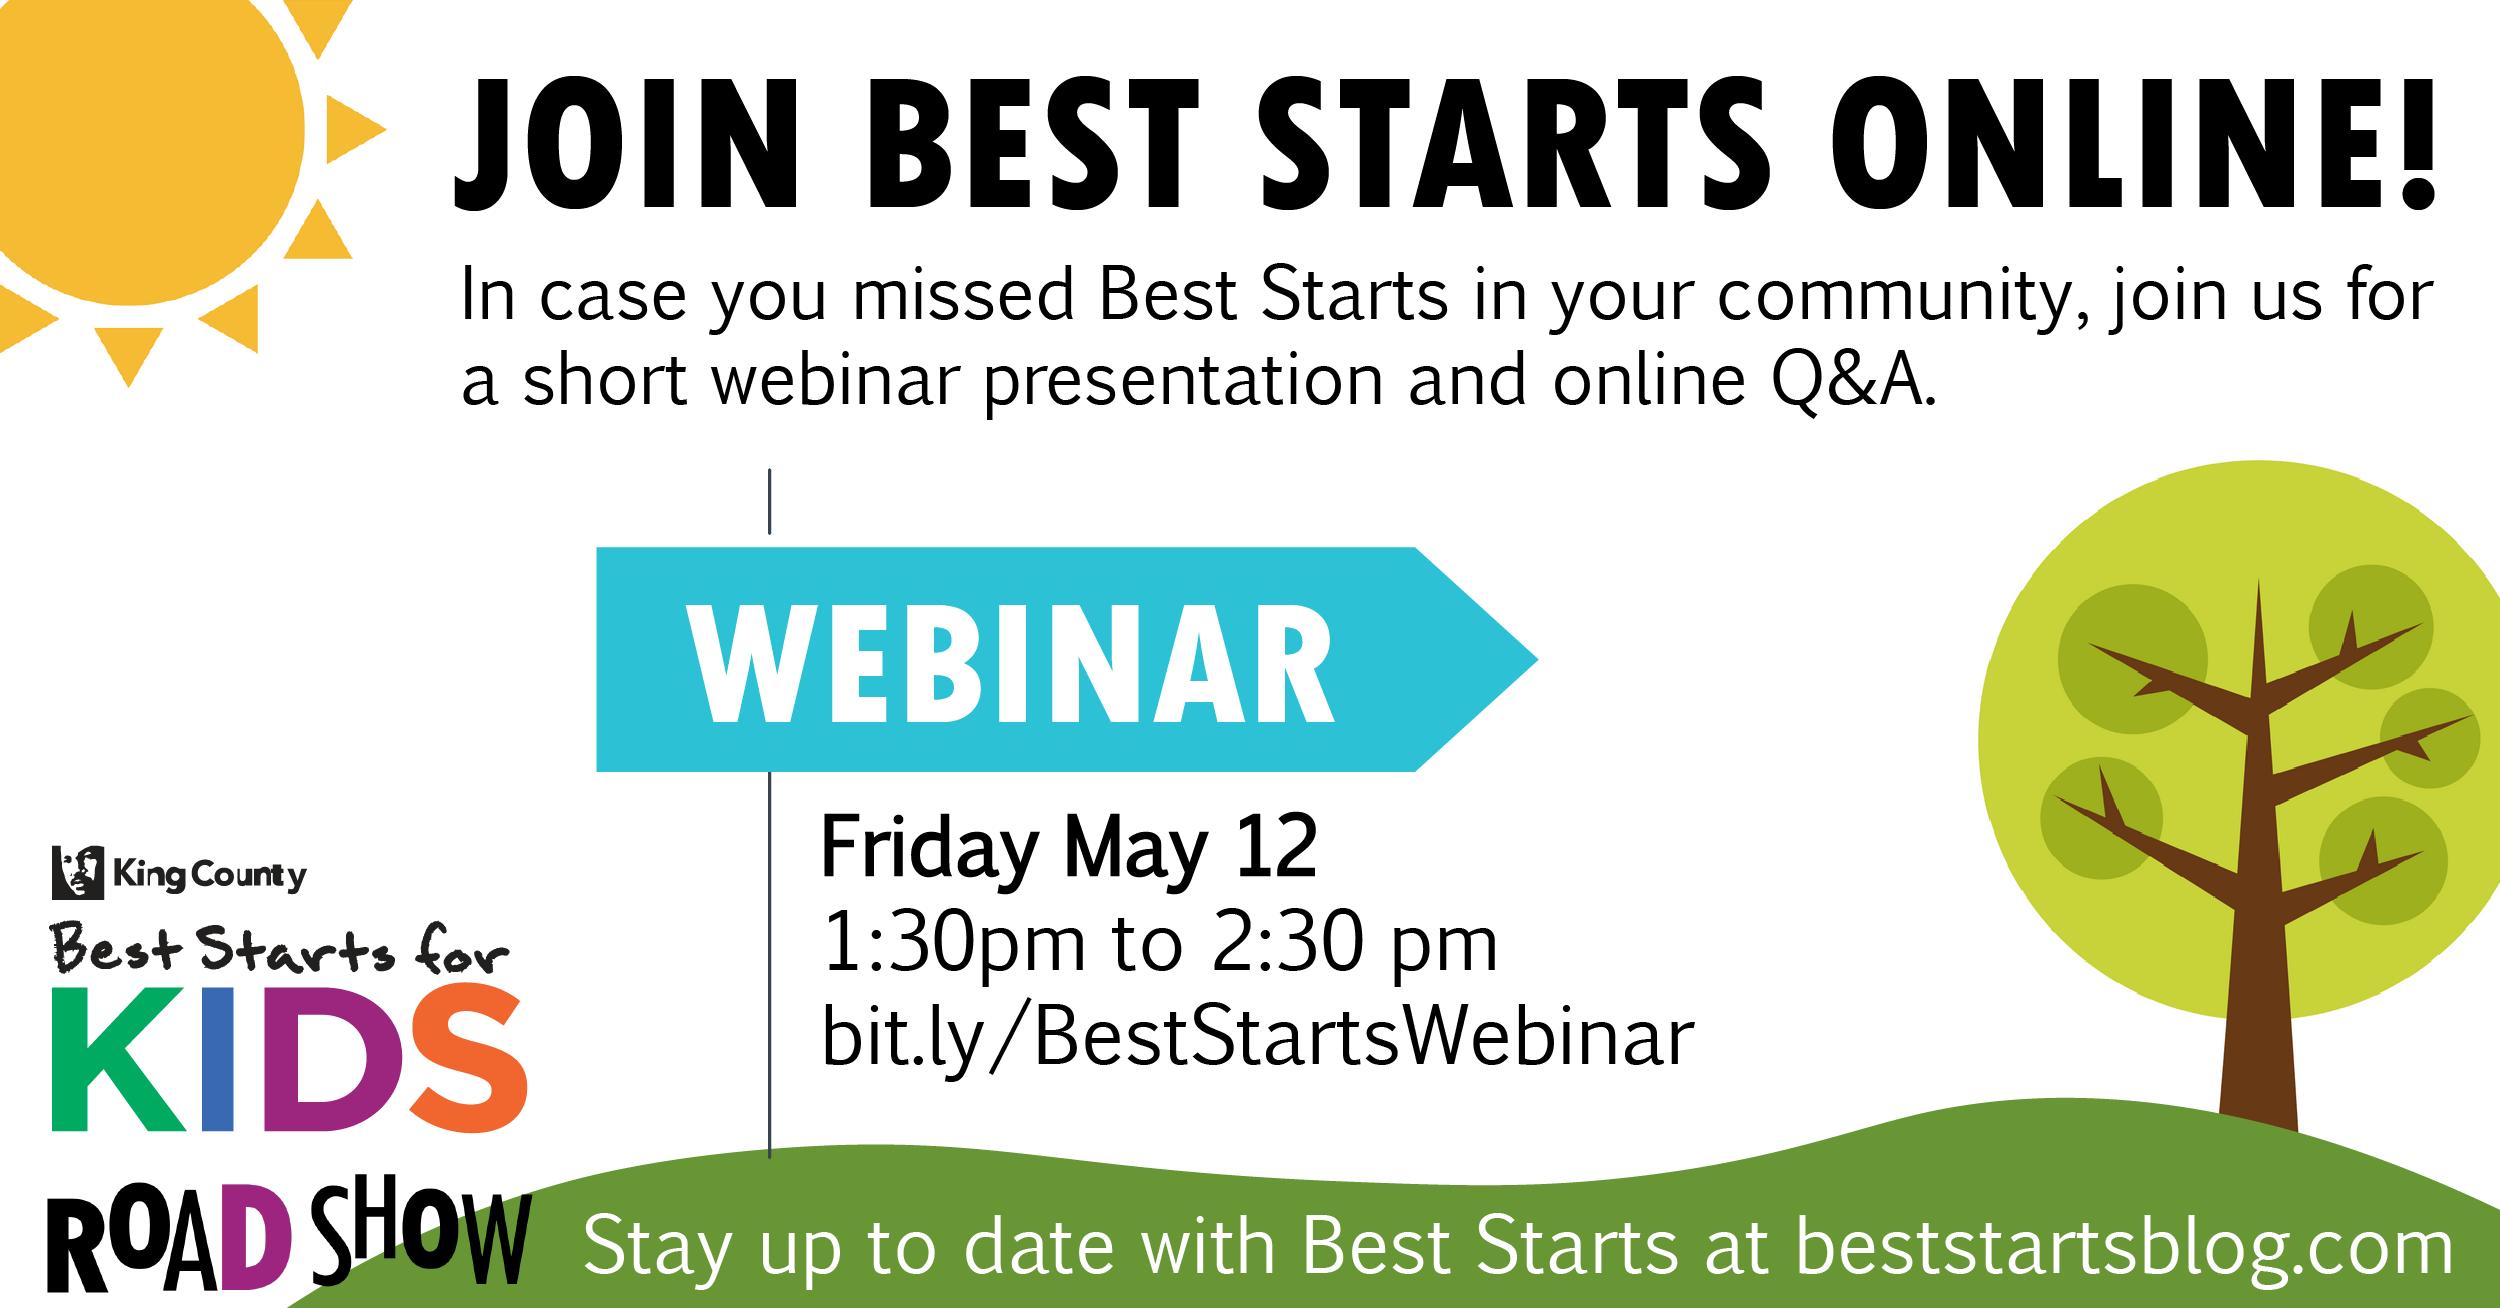 Best Starts Webinar - Blog - Facebook image